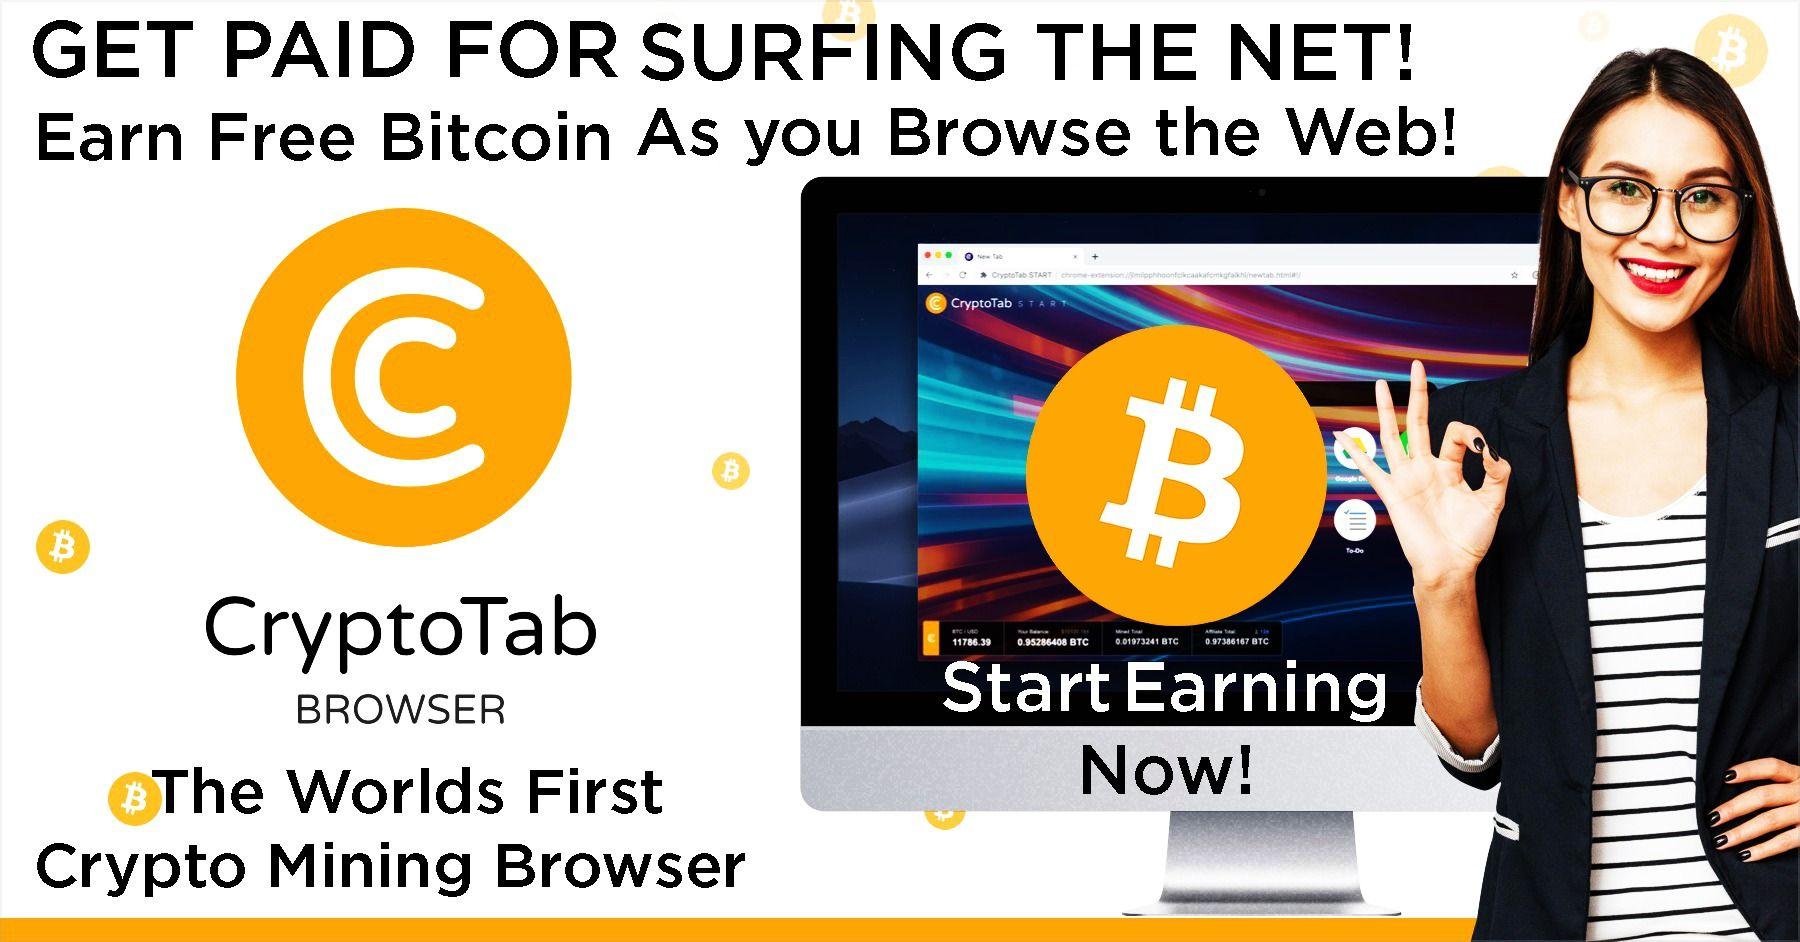 Ir uzņēmumi, piemēram, coinbase un bitpay, kas dod labāko bitcoin pieeju newbies? - Bitcoin